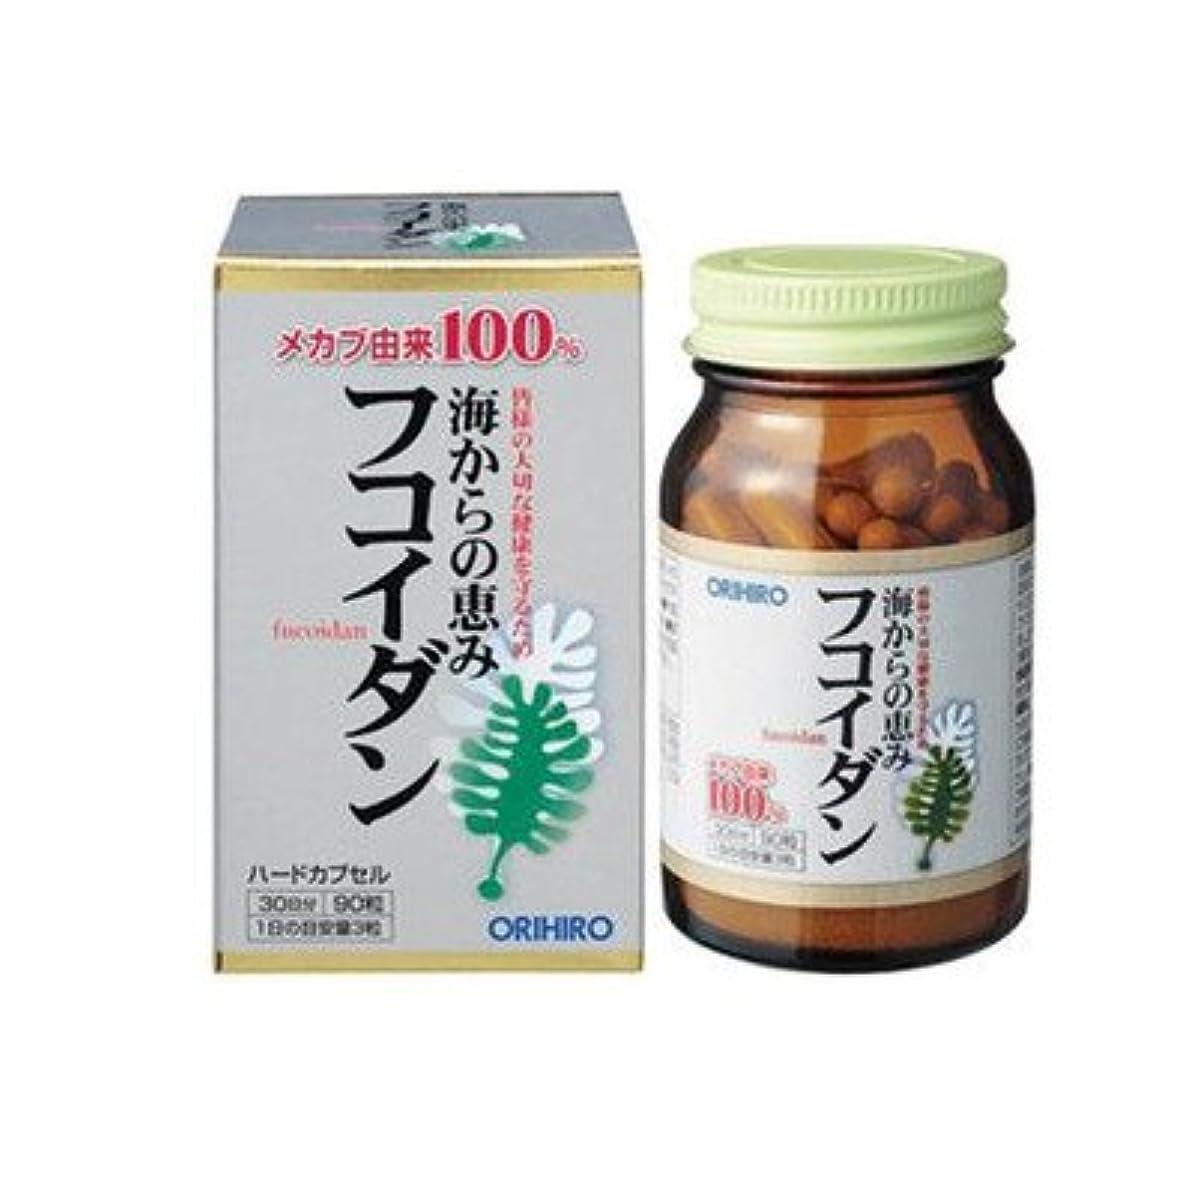 確かに控えめな鷹60209192 オリヒロ フコイダン 90粒 毎日のお食事にプラスして健康生活をサポート